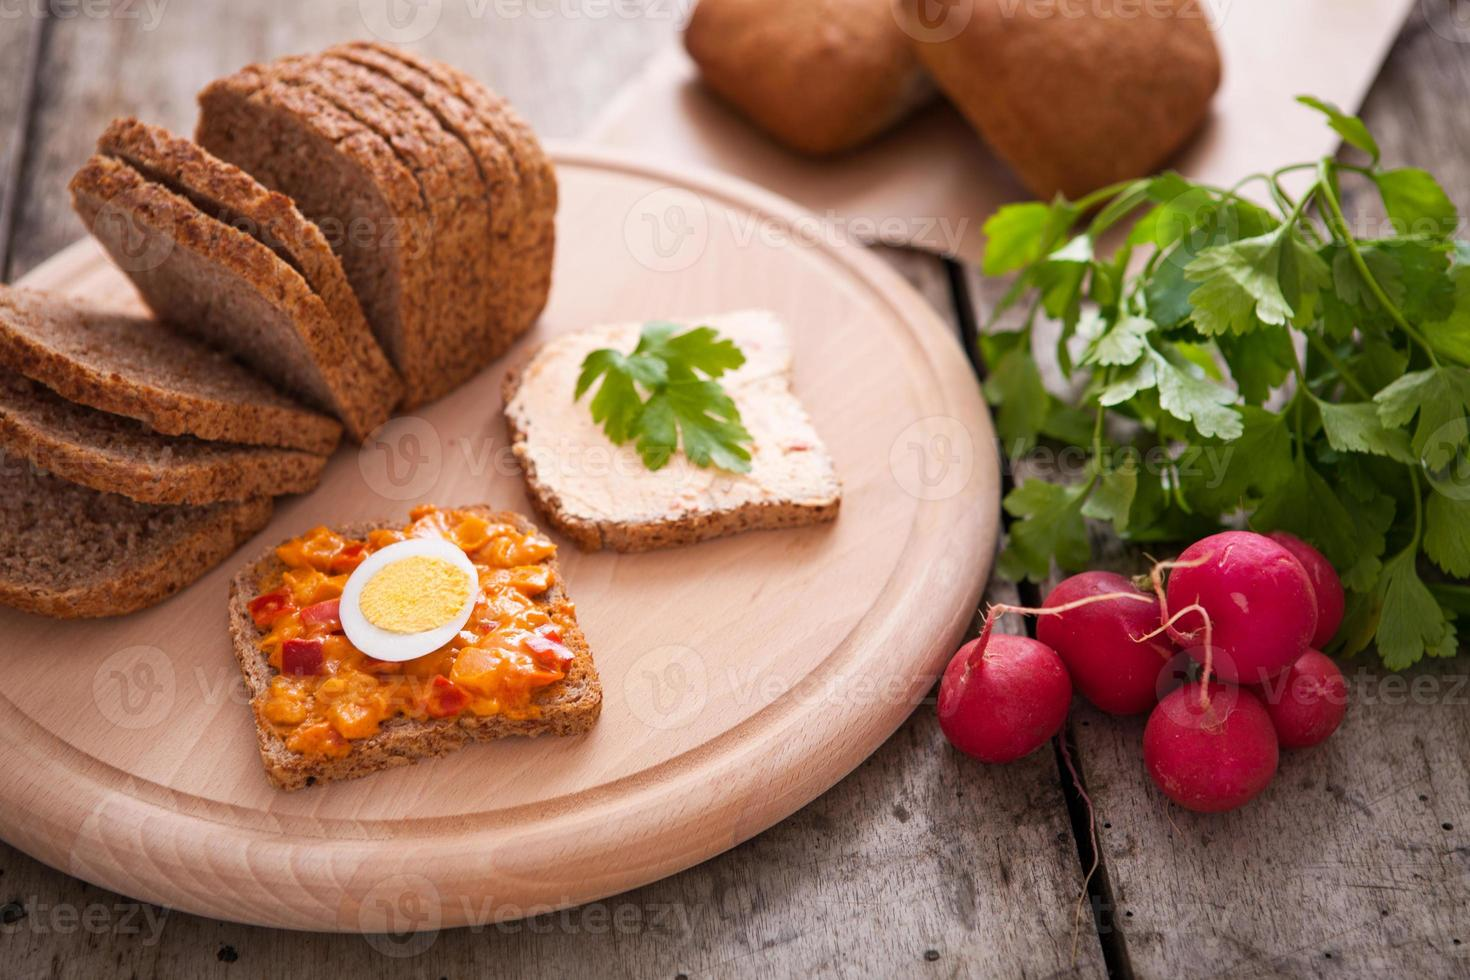 ingrediënten voor een vers broodje foto